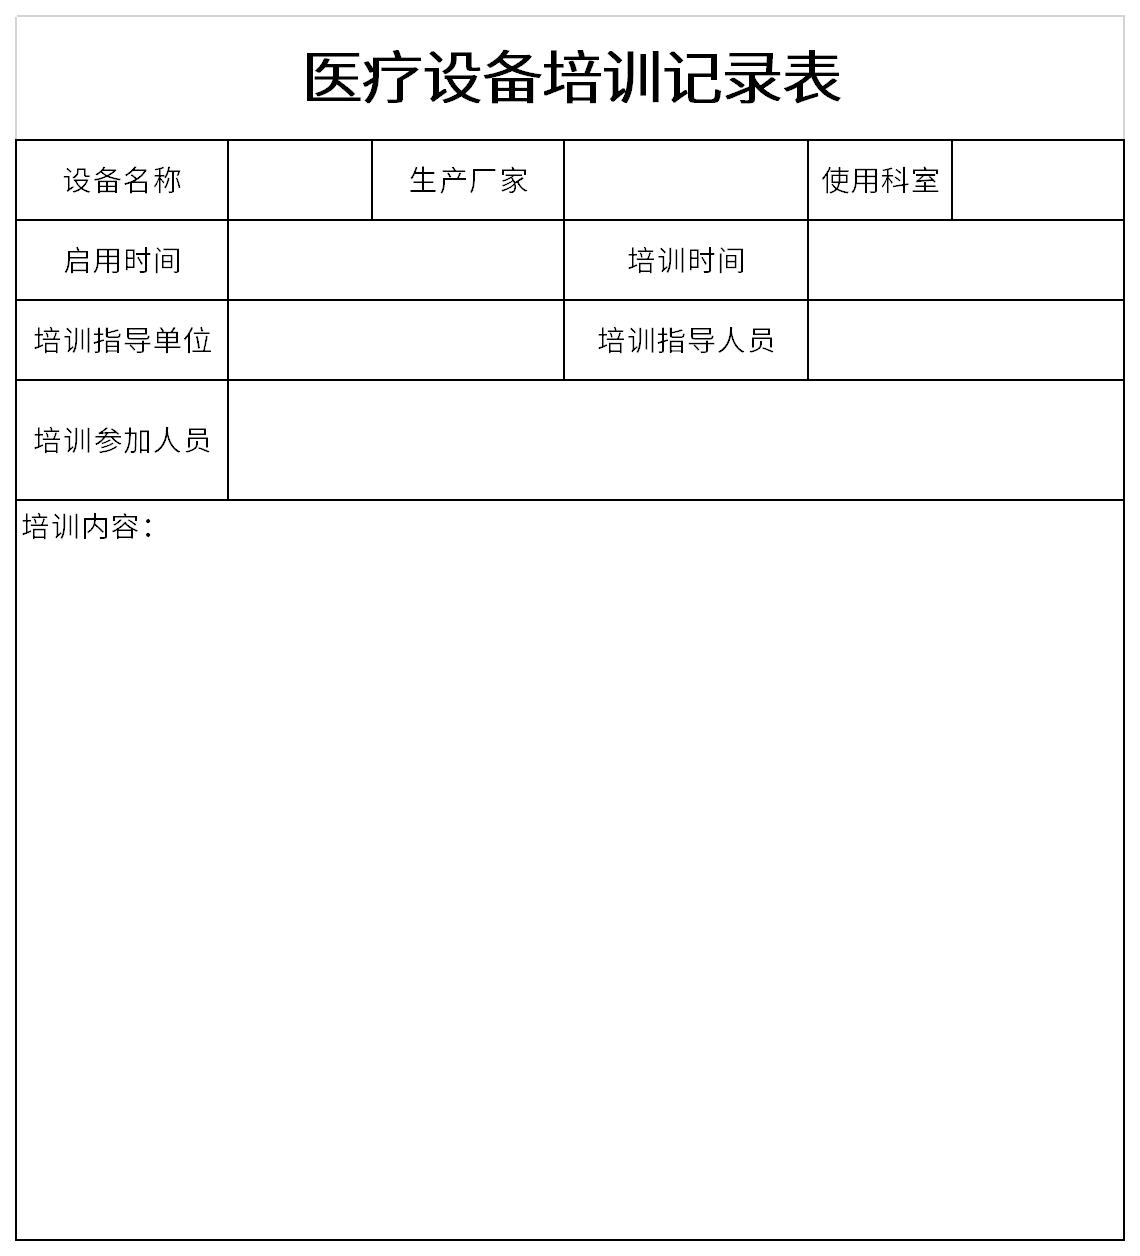 医疗设备培训记录表截图